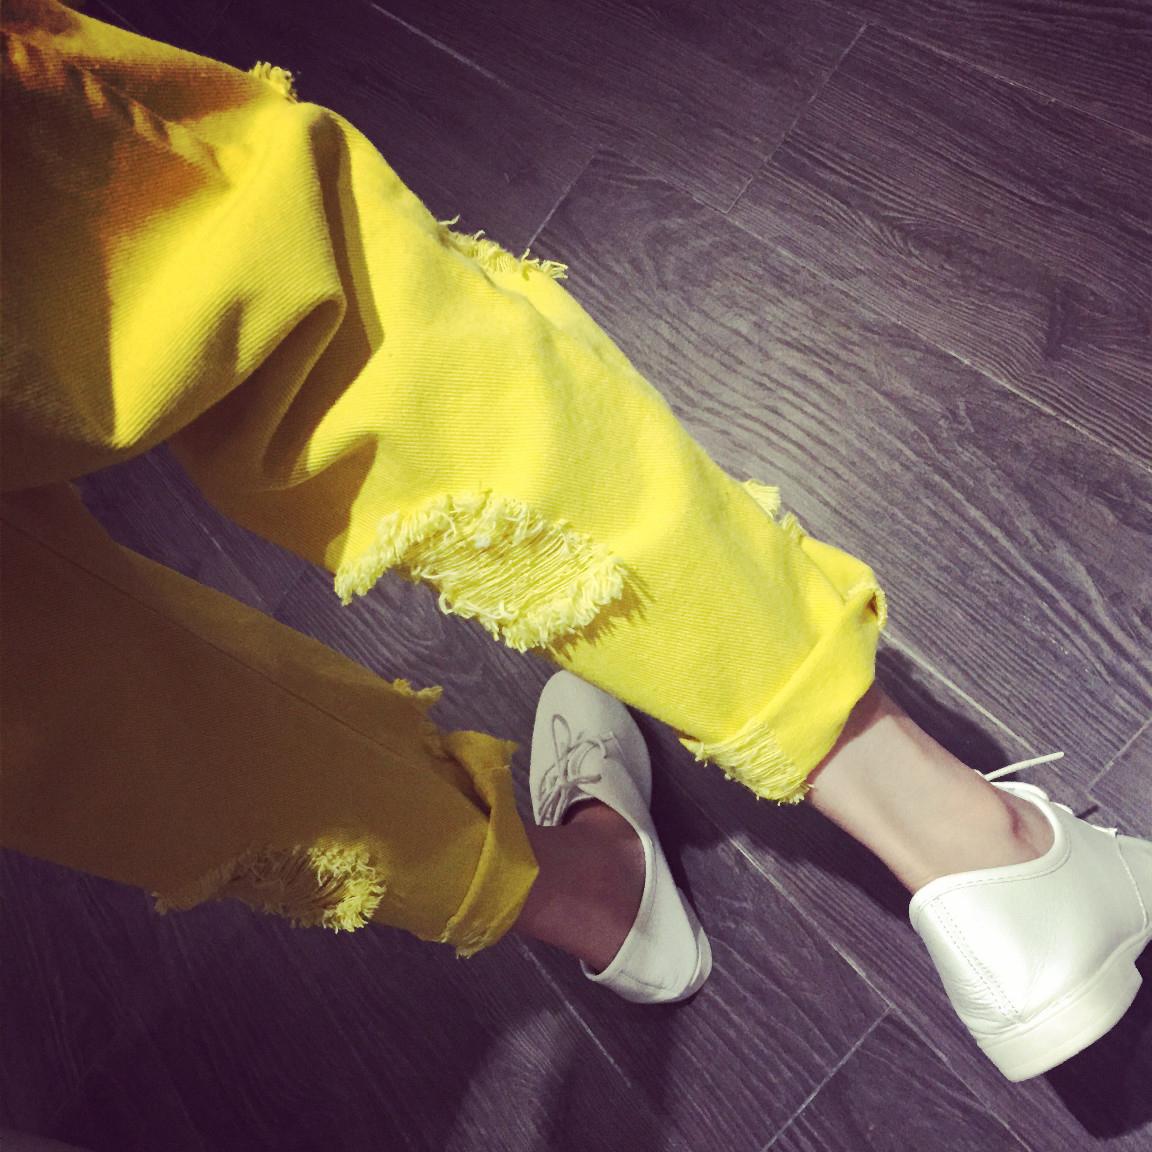 黄色牛仔裤 黄色破洞牛仔裤女2021春夏新款宽松显瘦乞丐裤糖果色九分直筒裤女_推荐淘宝好看的黄色牛仔裤